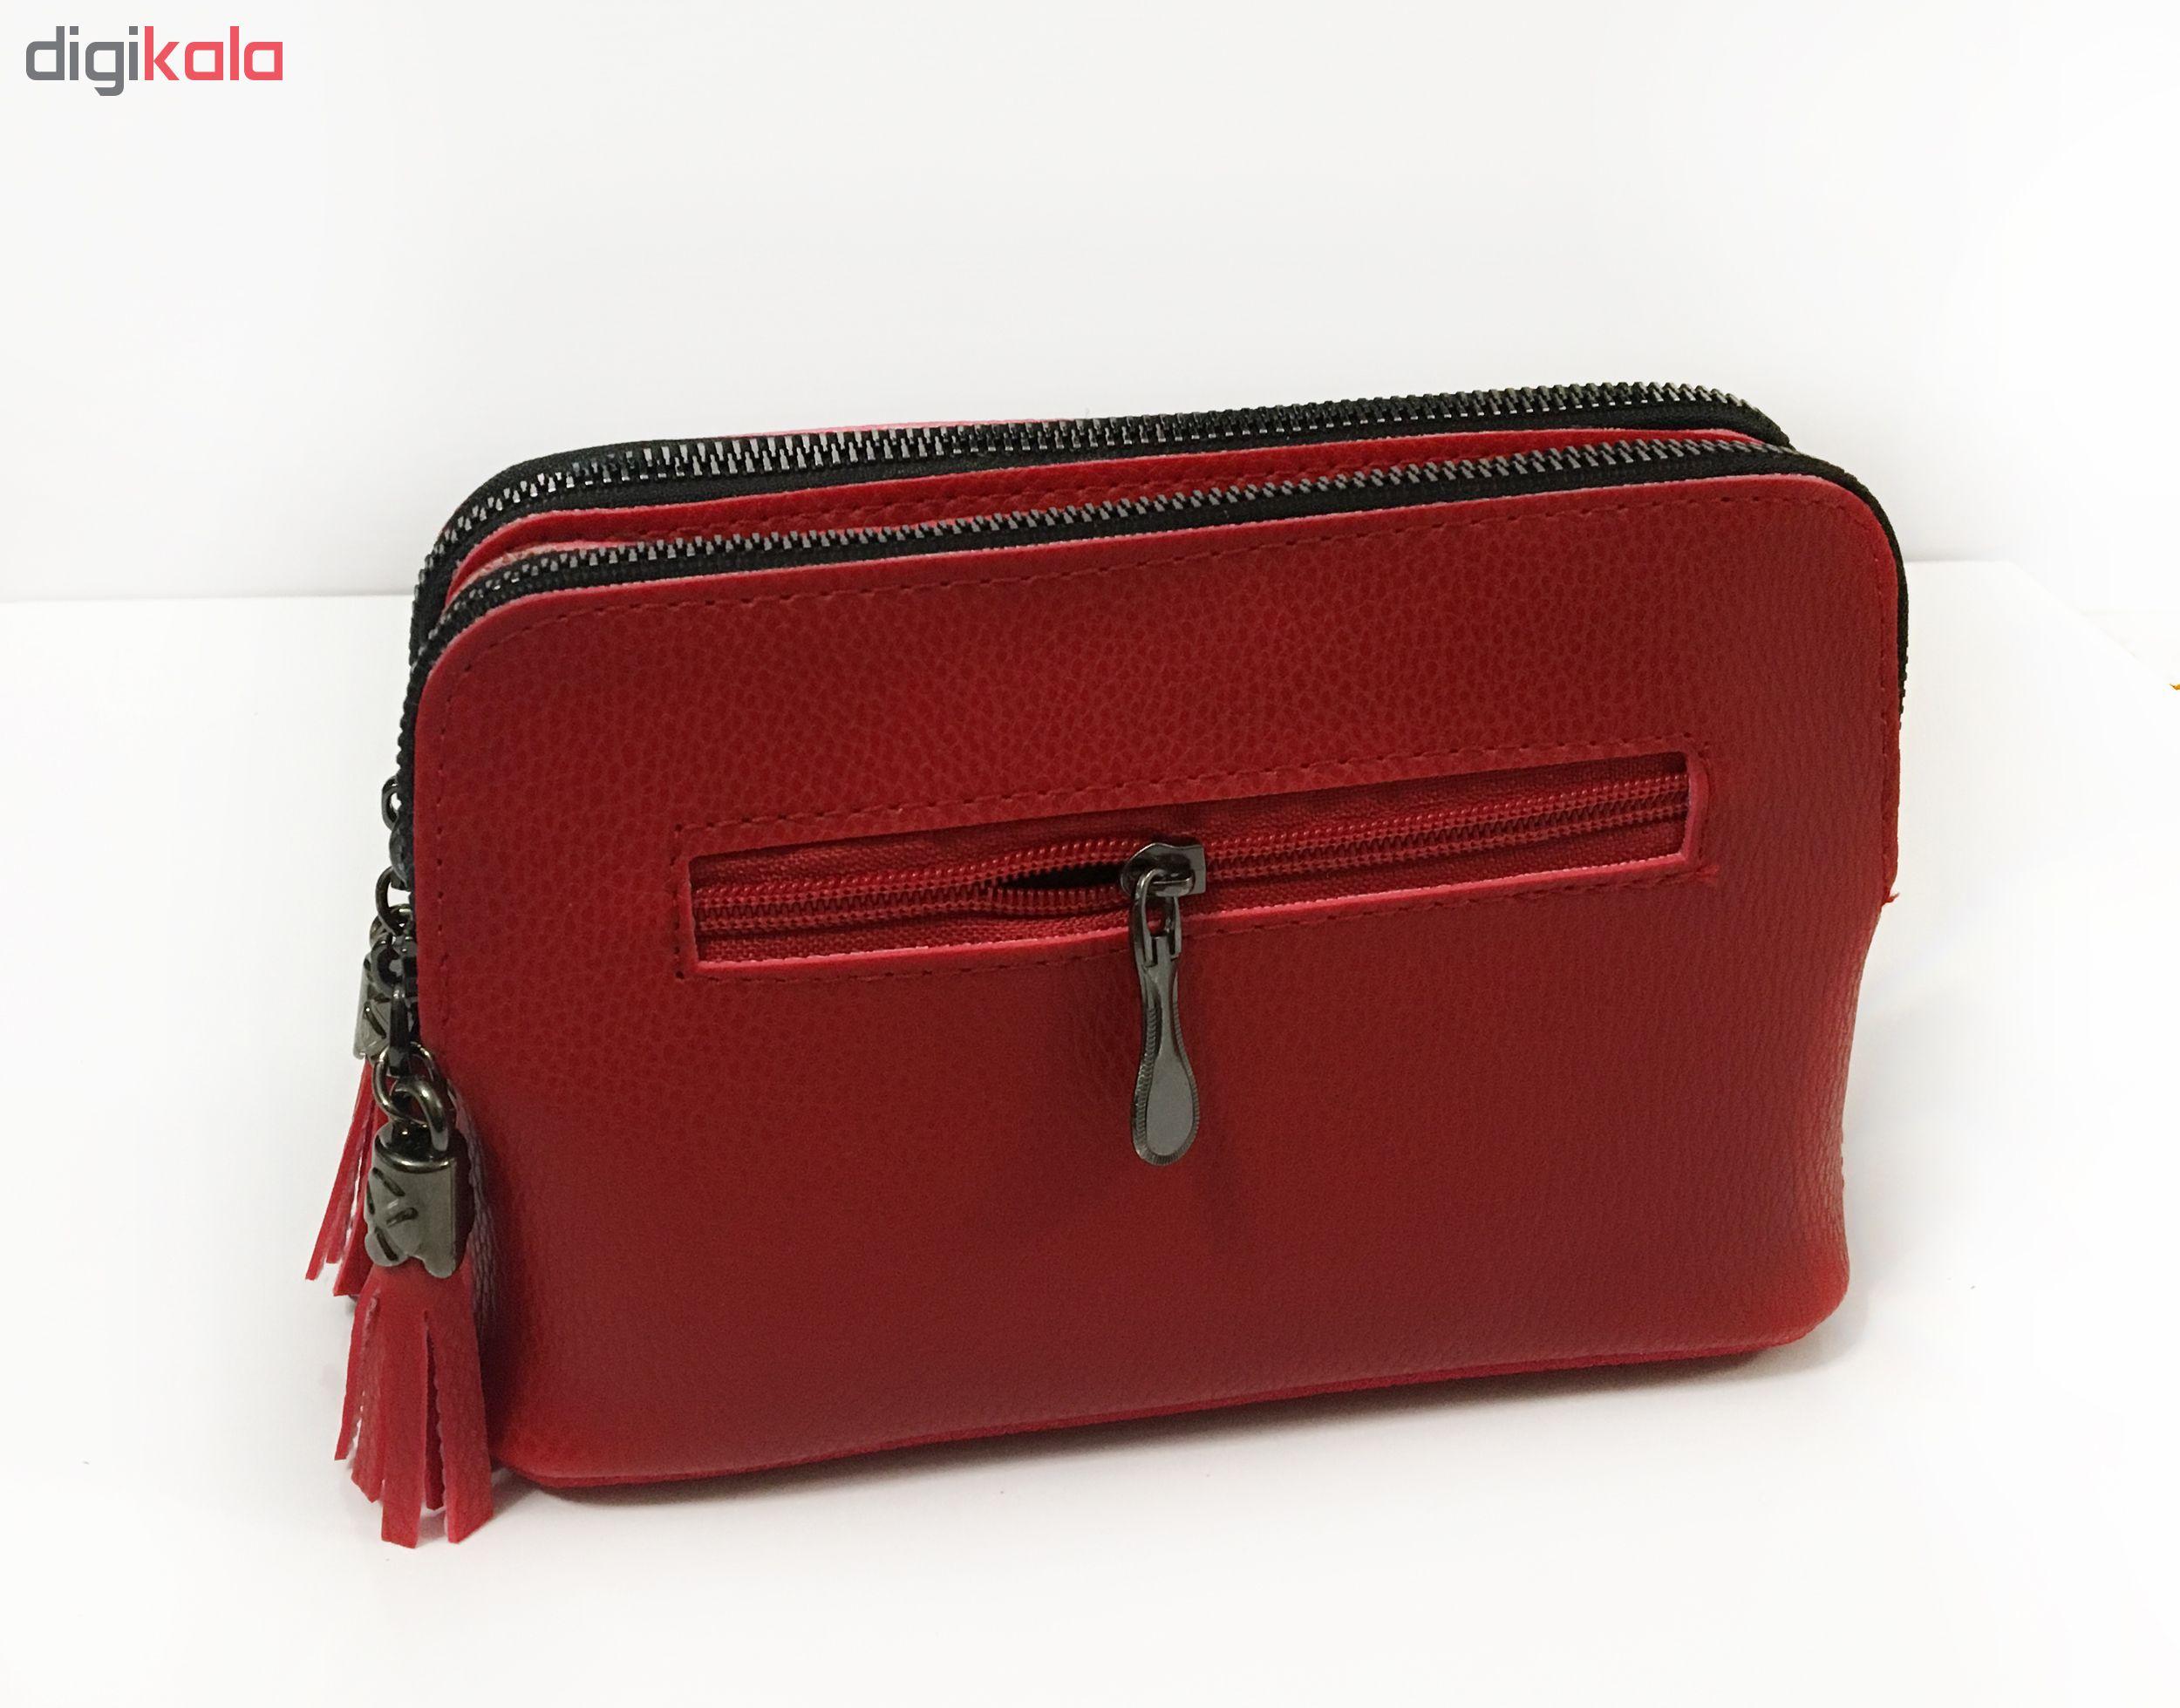 کیف دوشی زنانه کد 1802